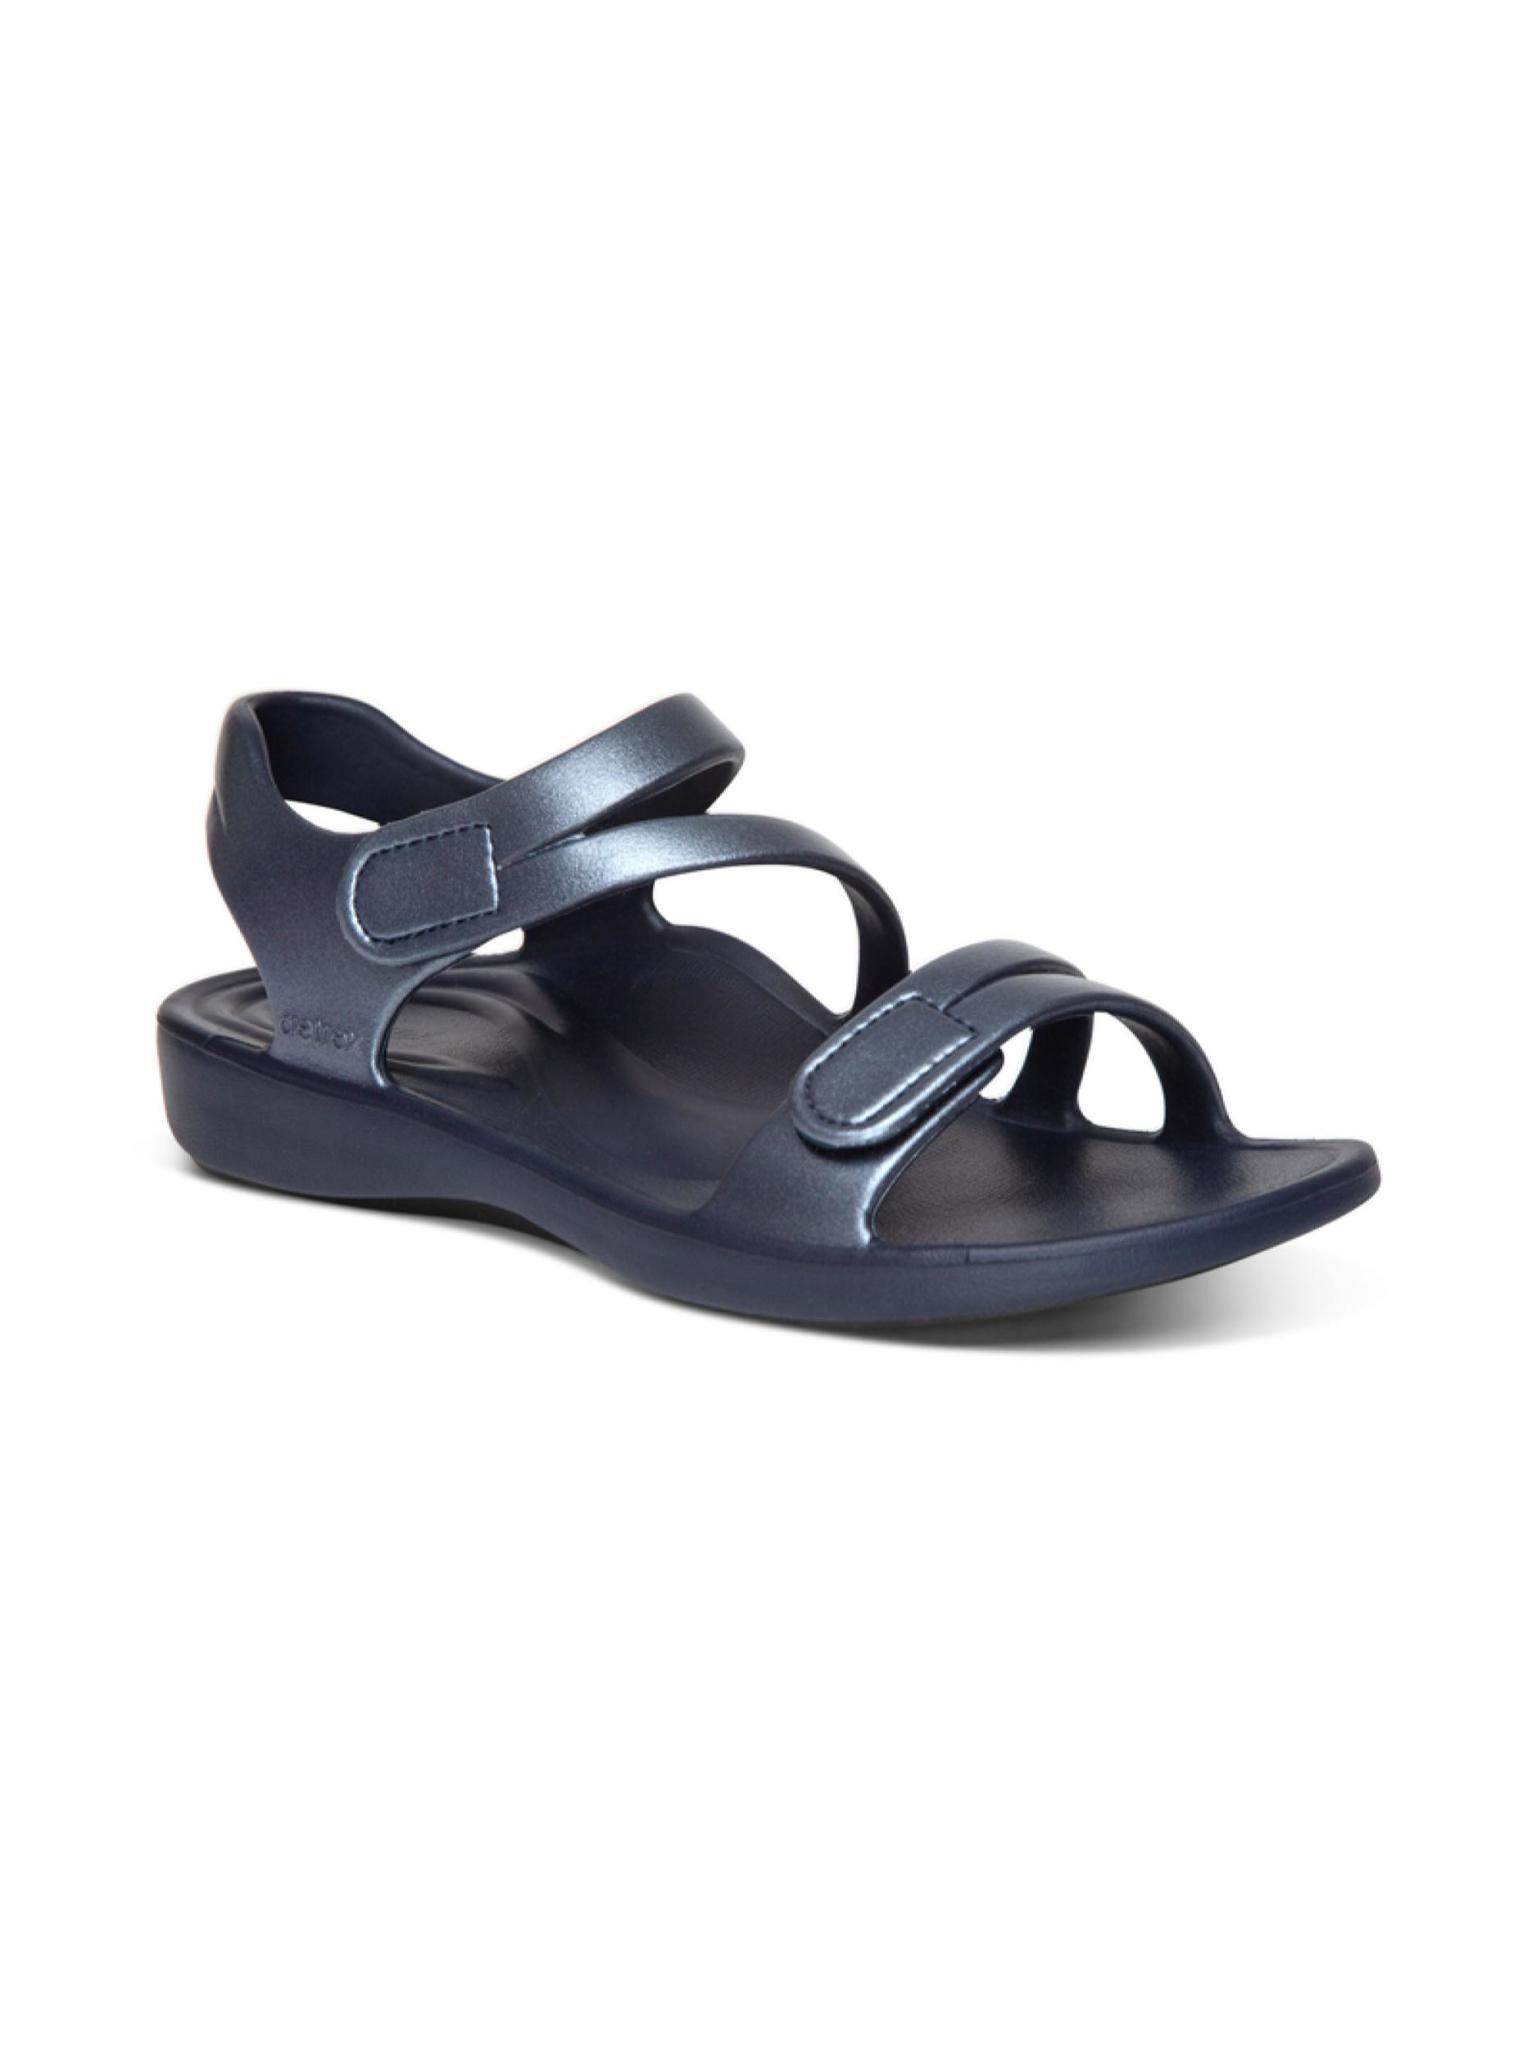 Aetrex Jillian Sport Water Friendly Sandal